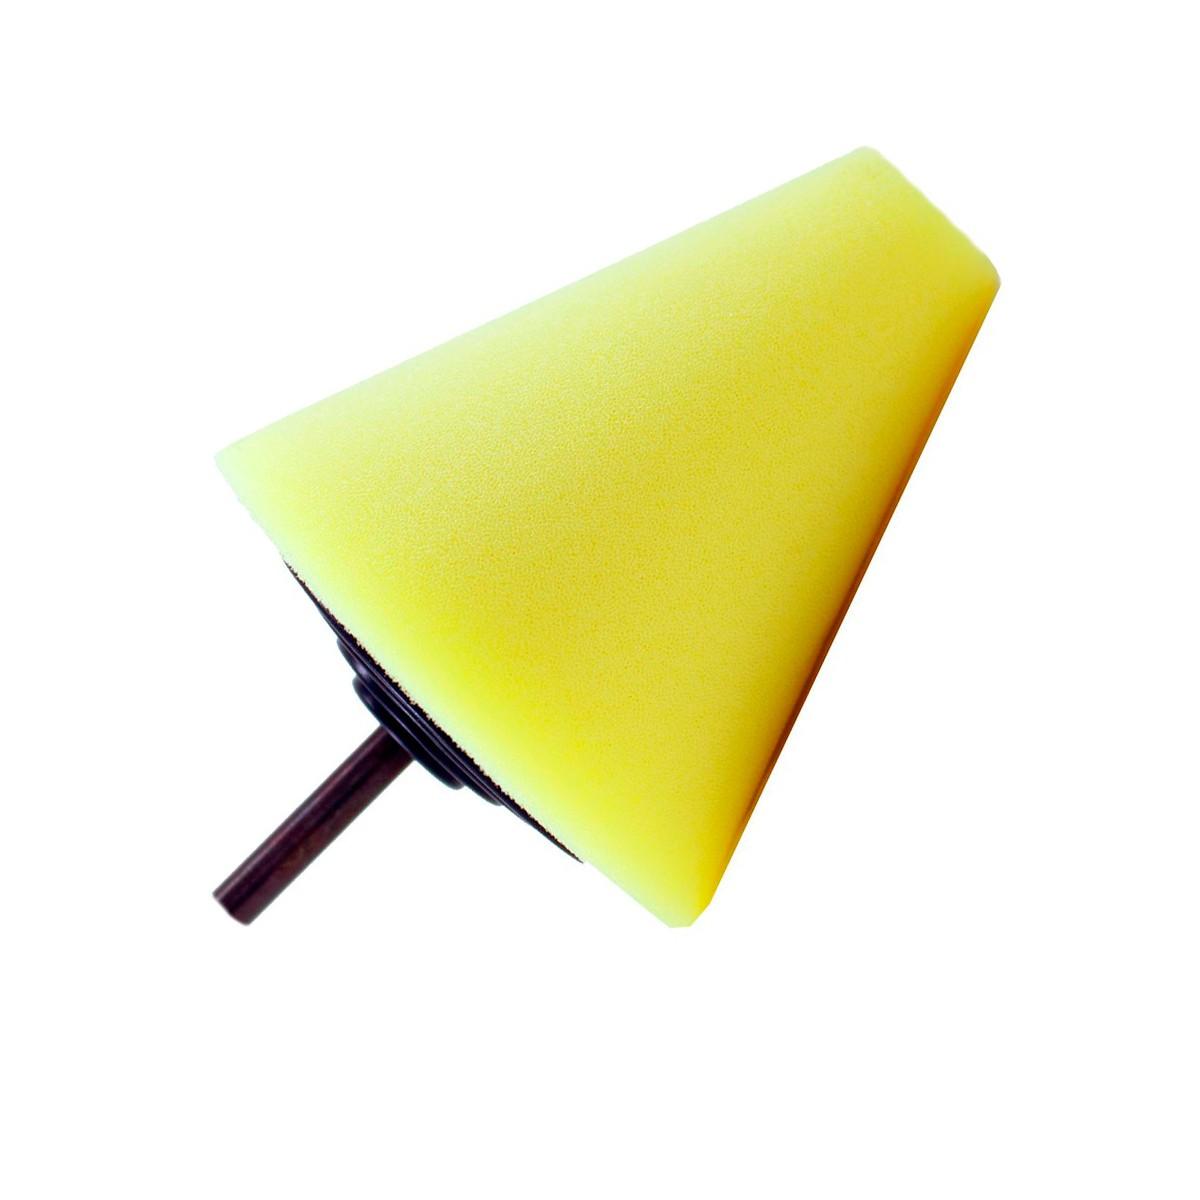 Cone de Espuma para Polimento de Rodas - Detailer